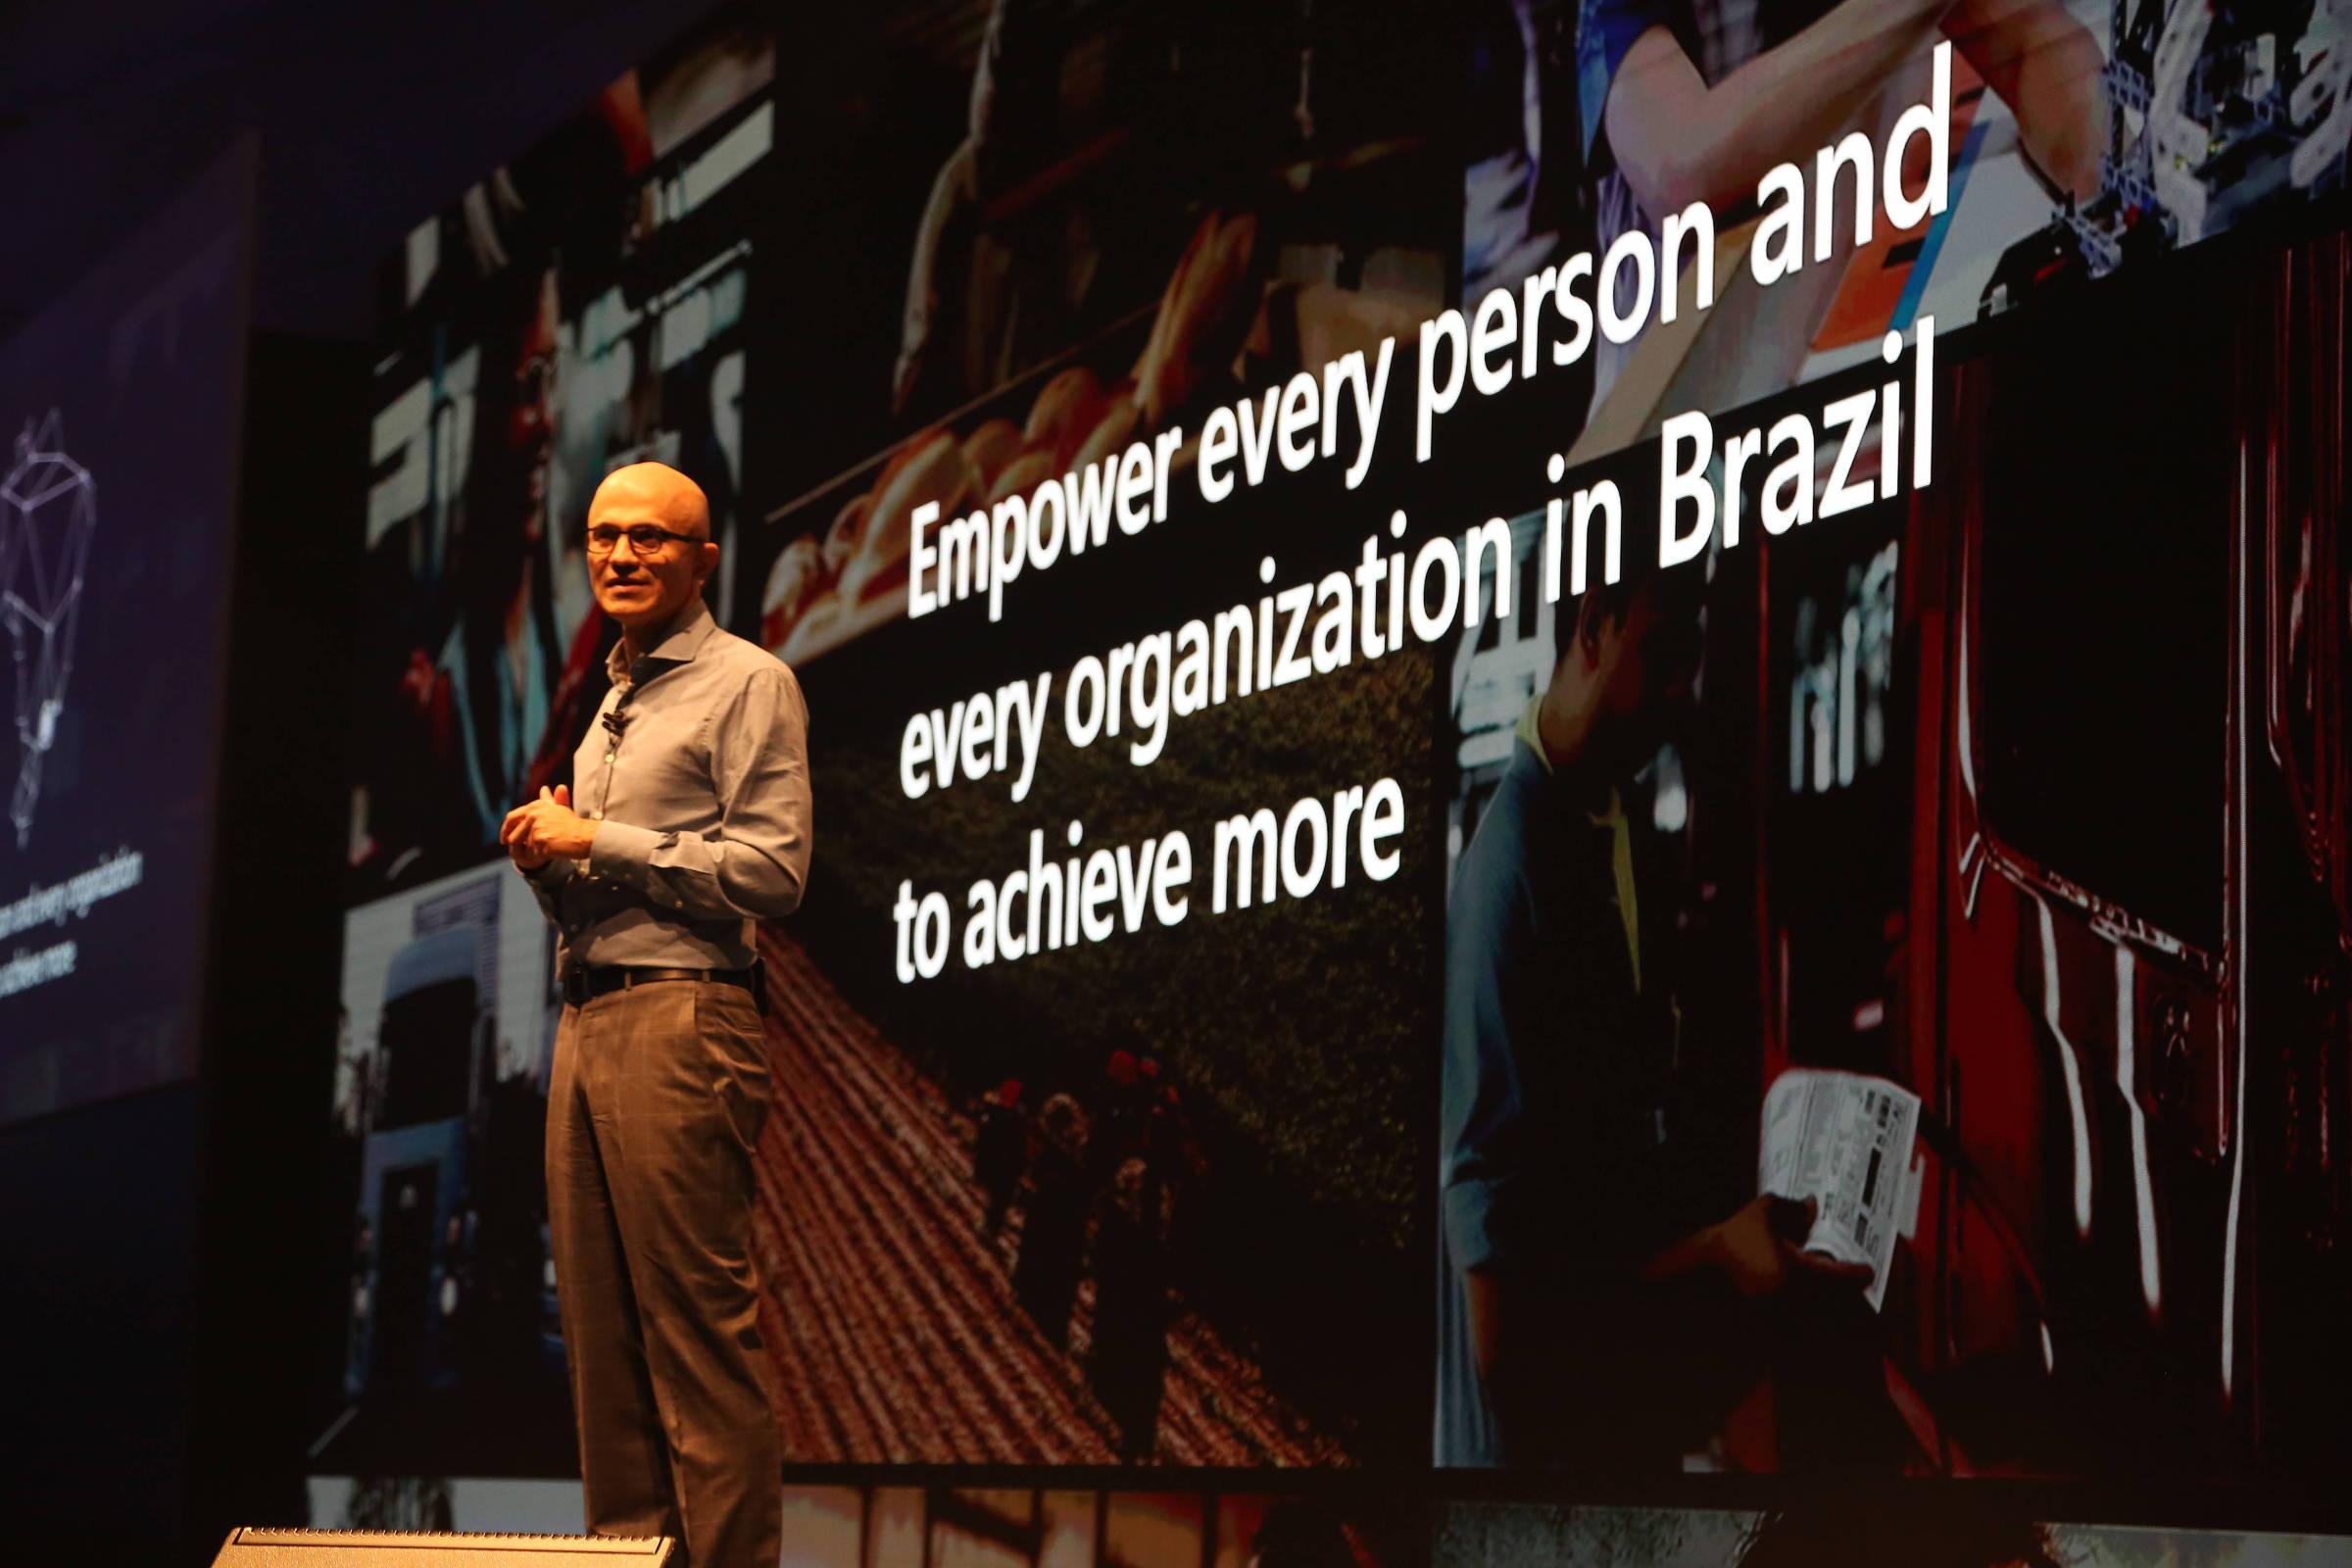 0a6e63425c1b5 Presidente da Microsoft alerta para consequências da tecnologia - 12 02 2019  - Tec - Folha